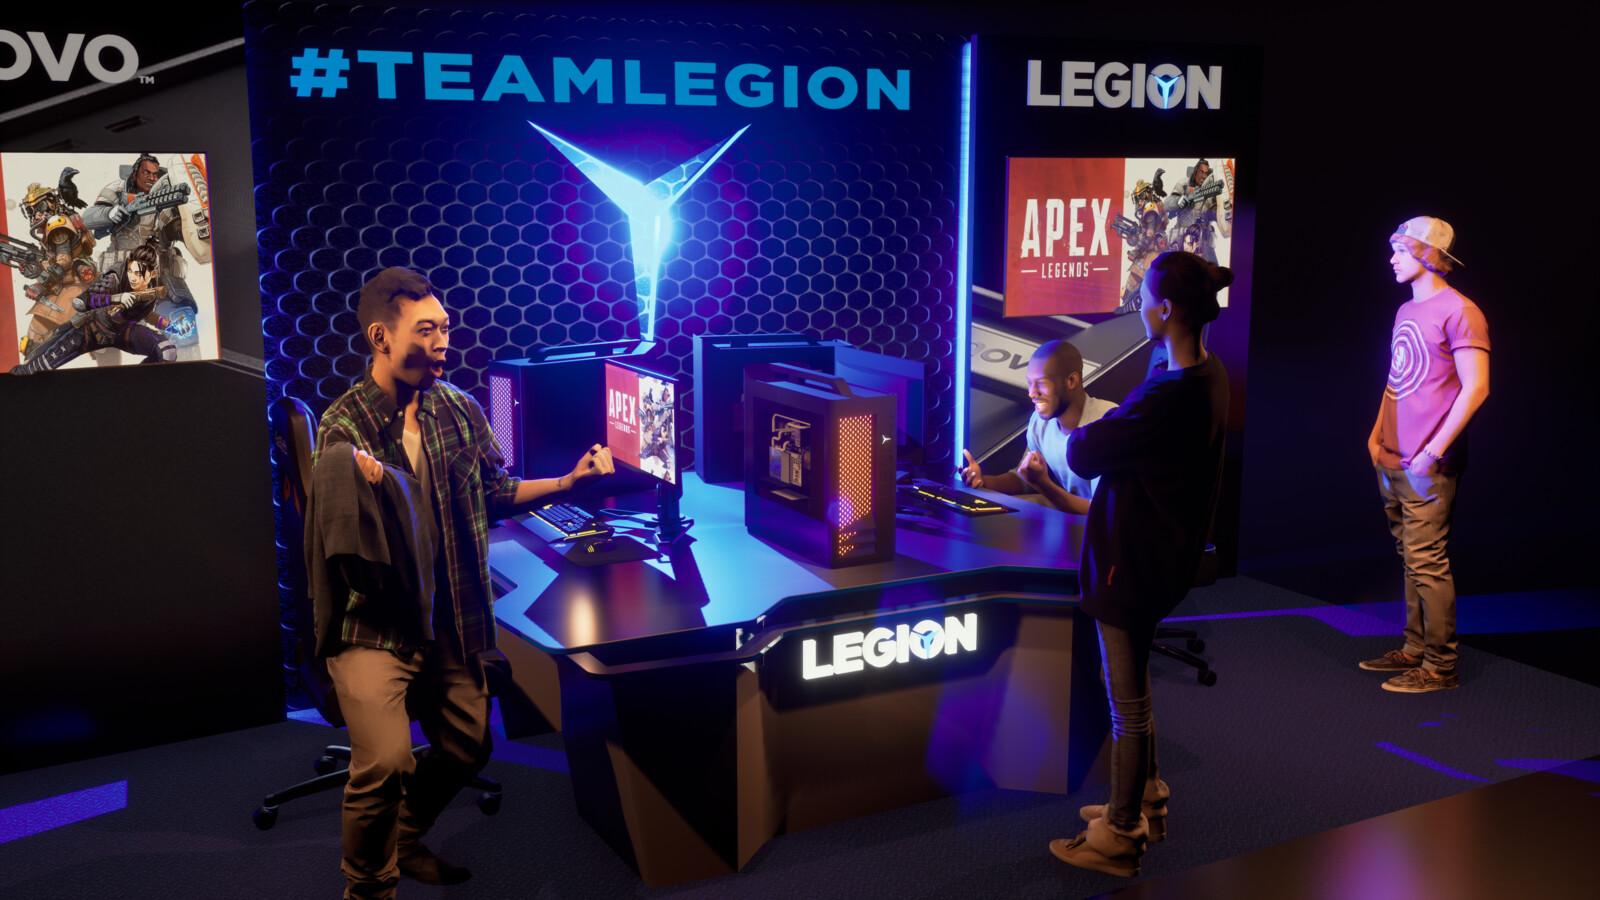 Lenovo Booth Concept